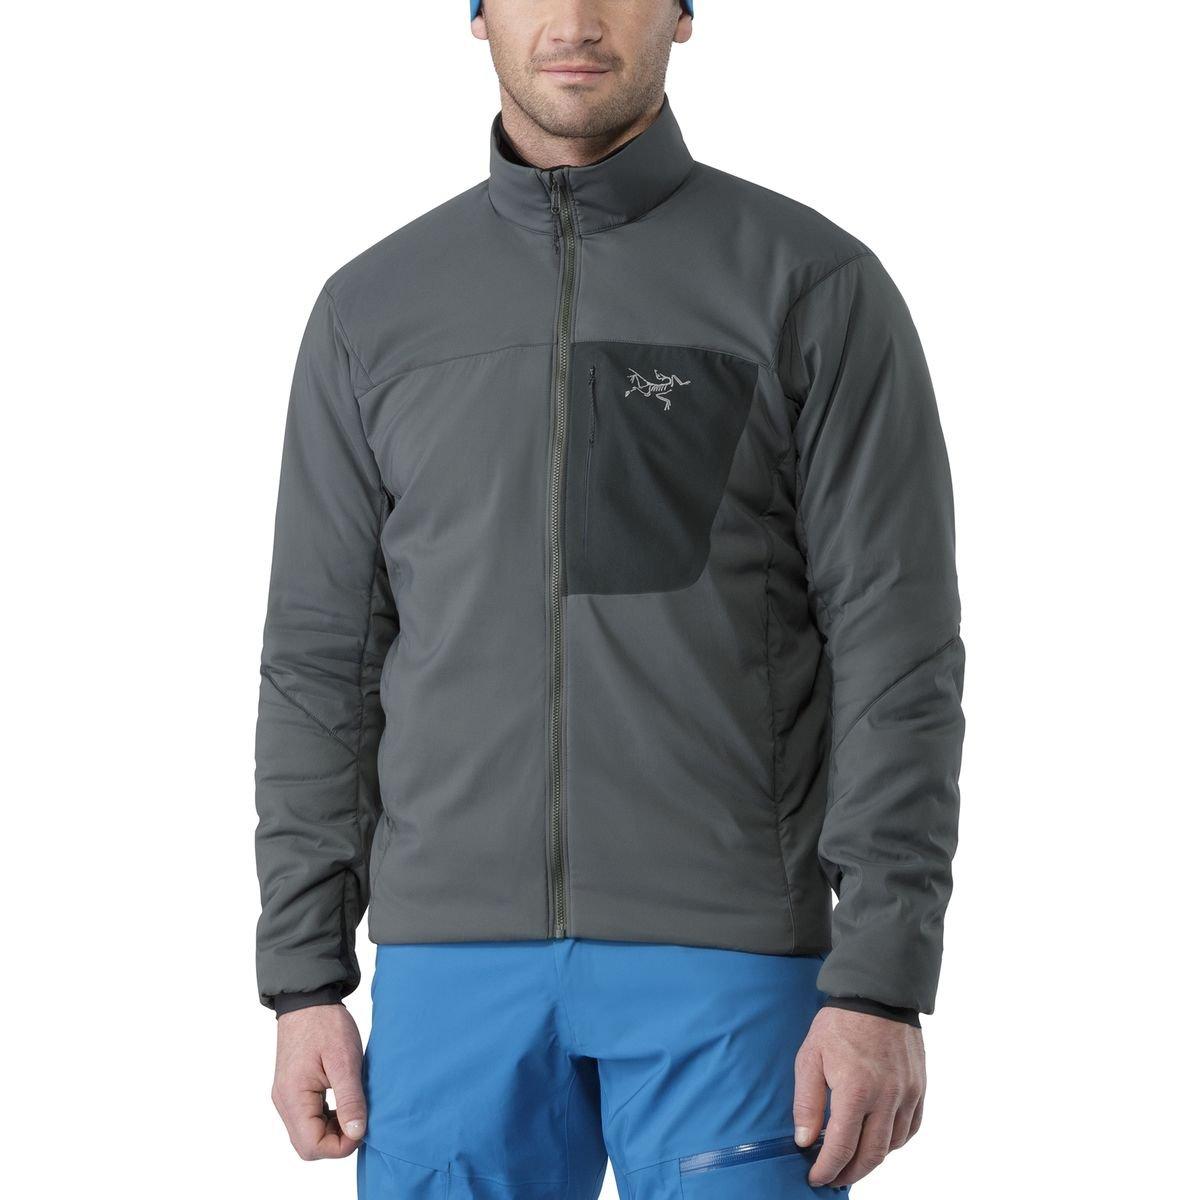 ARCTERYX(アークテリクス) プロトンLTジャケット男性用 18355 B0163TM59K X-Large|Nautic Grey Nautic Grey X-Large